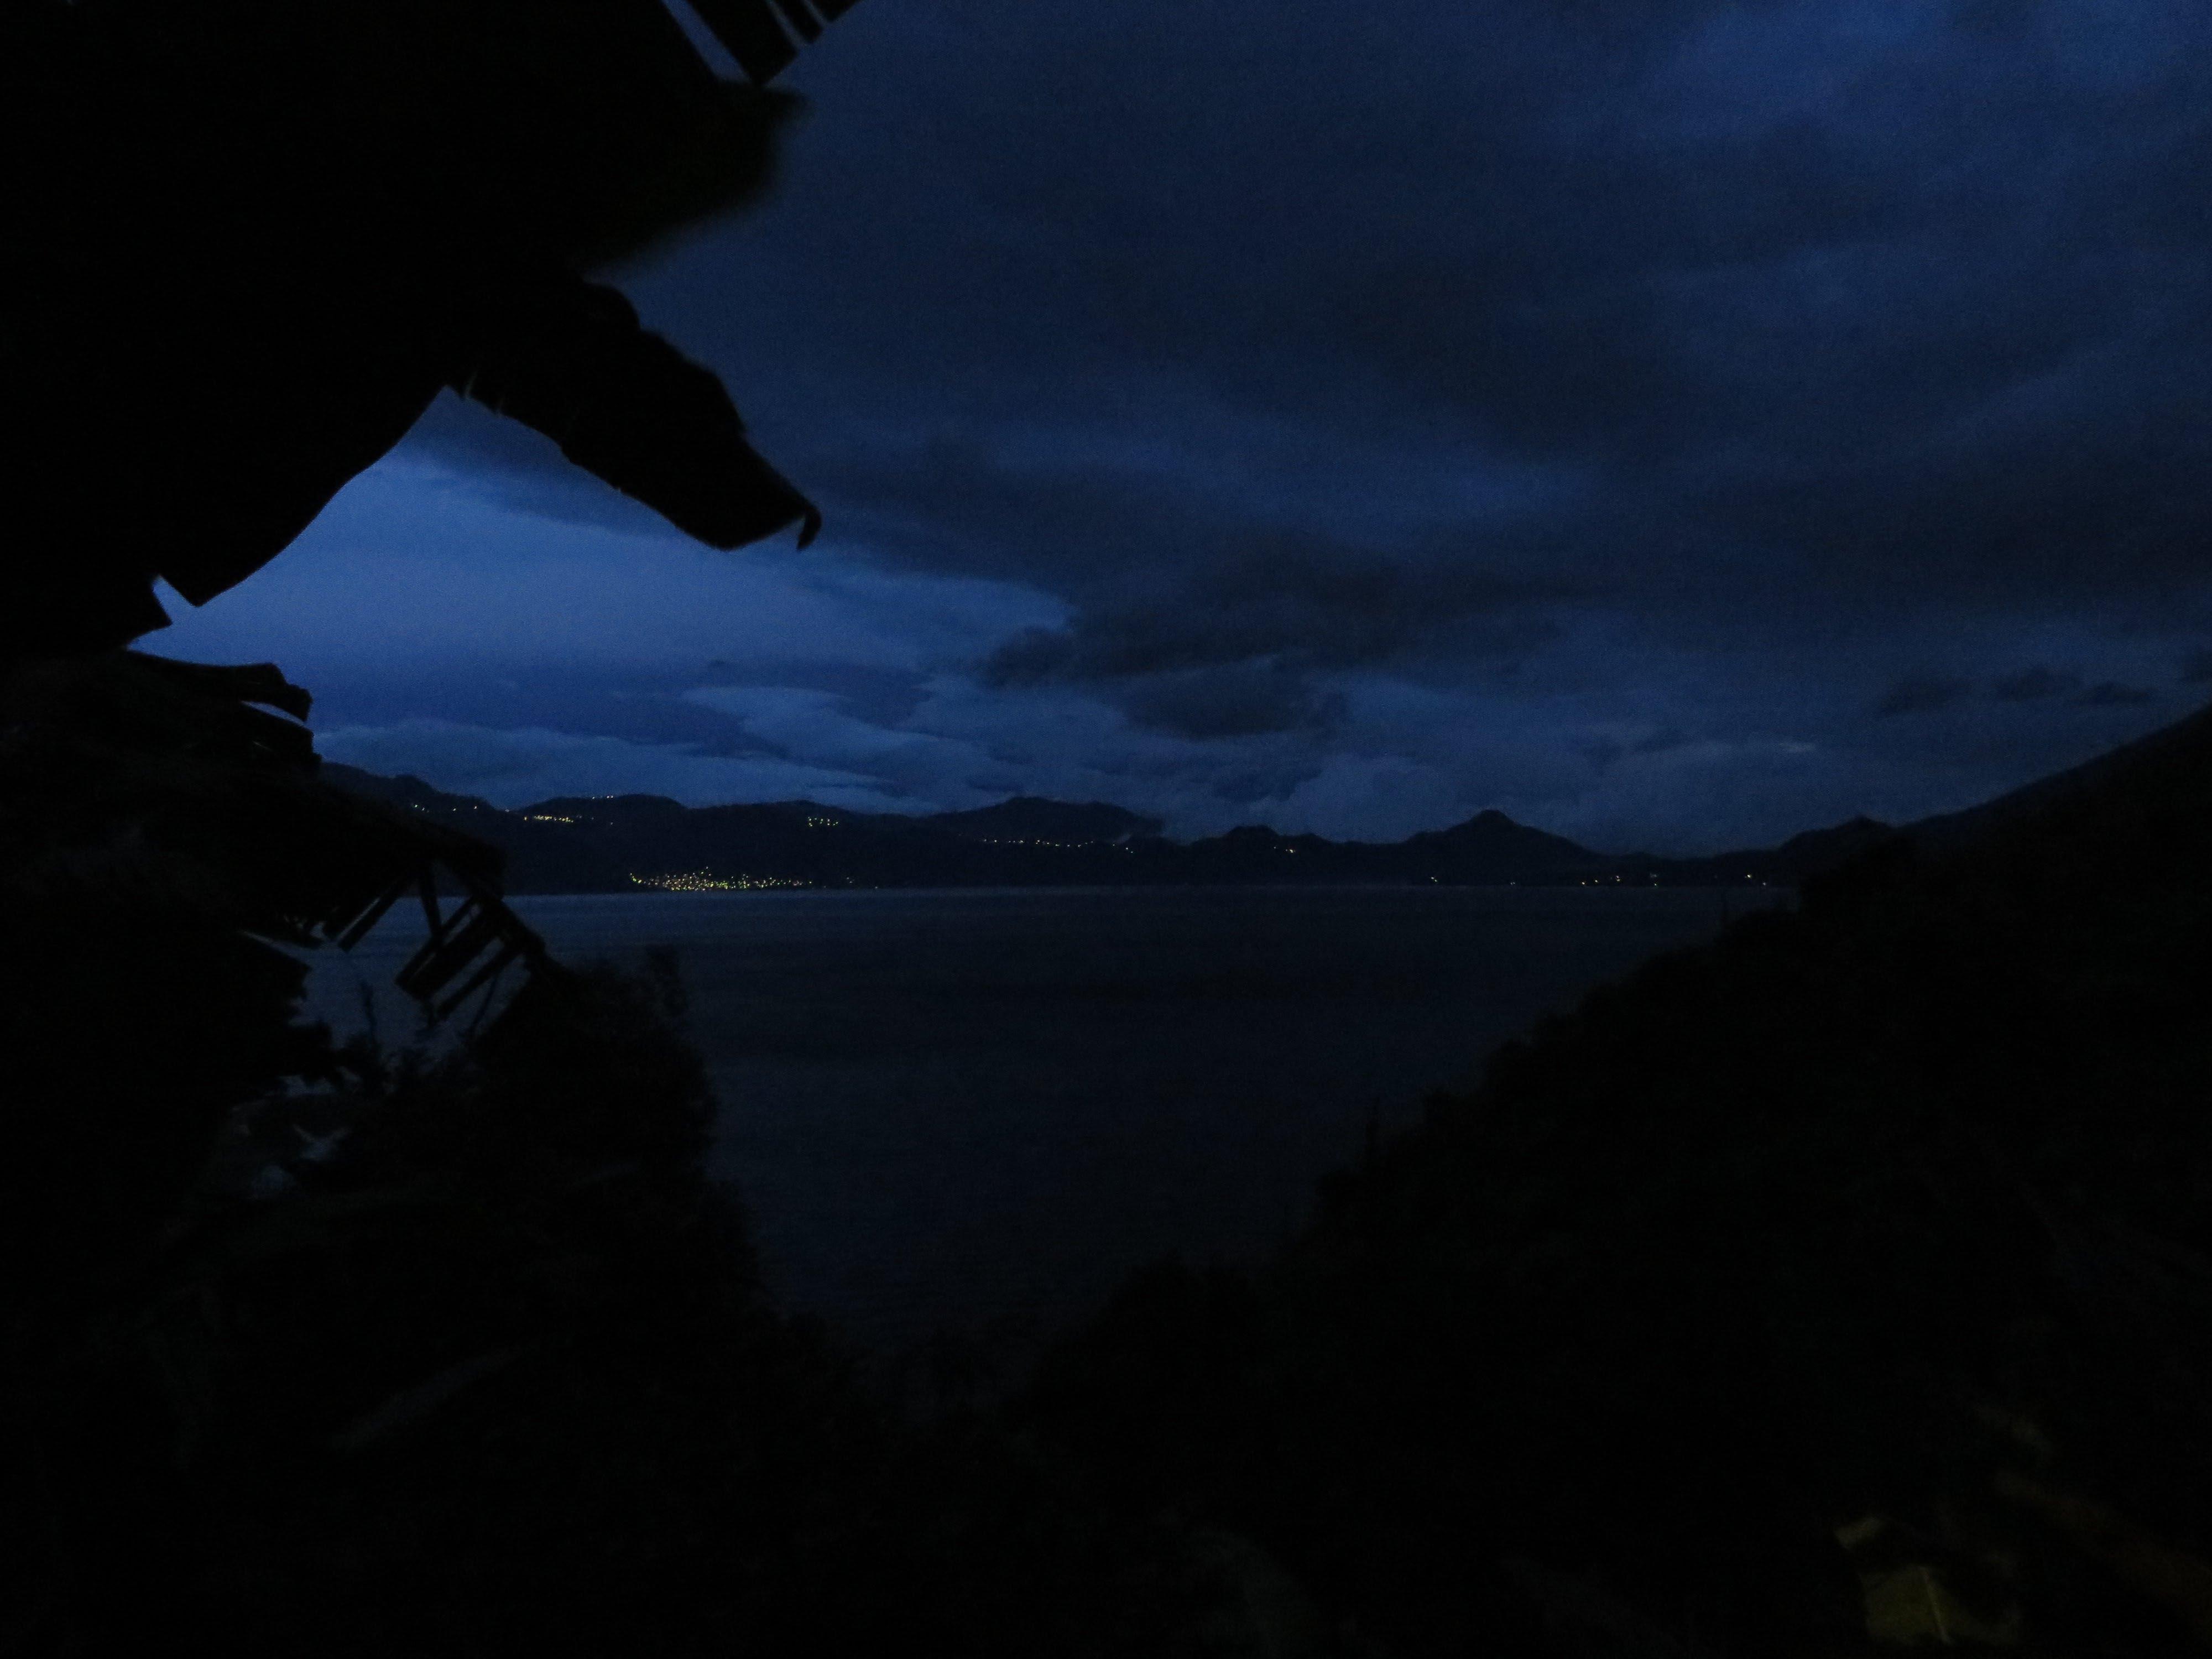 http://www.yuyanapaq.com/the-hong-kong-canal-thru-the-heart-of-nicaragua